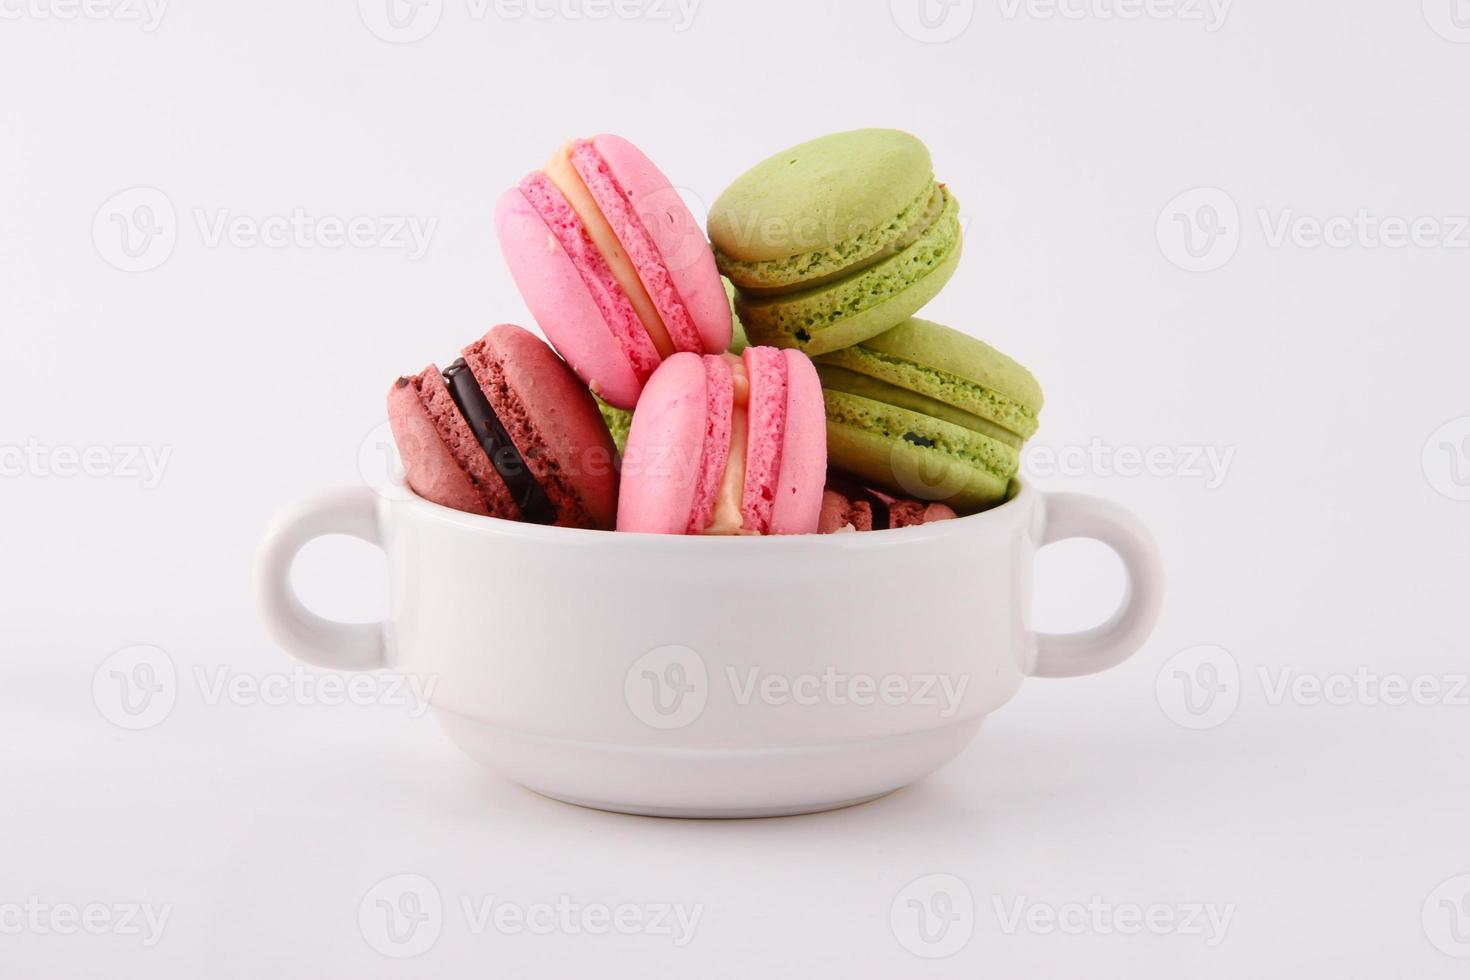 Macaron in a white bowl photo